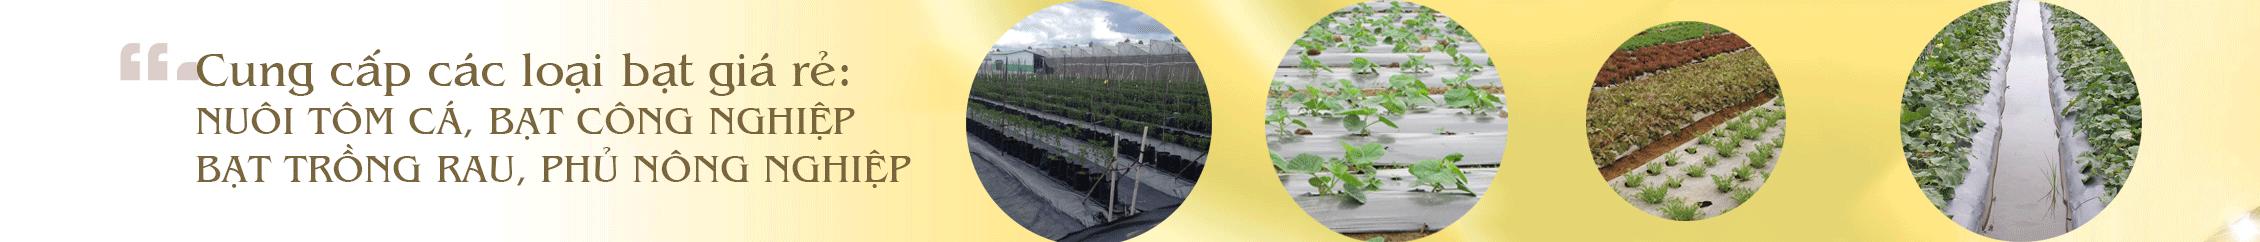 Bảng giá bán lẻ bạt PE,HDPE ao hồ, lót đất trồng rau chuyên dụng độ bền